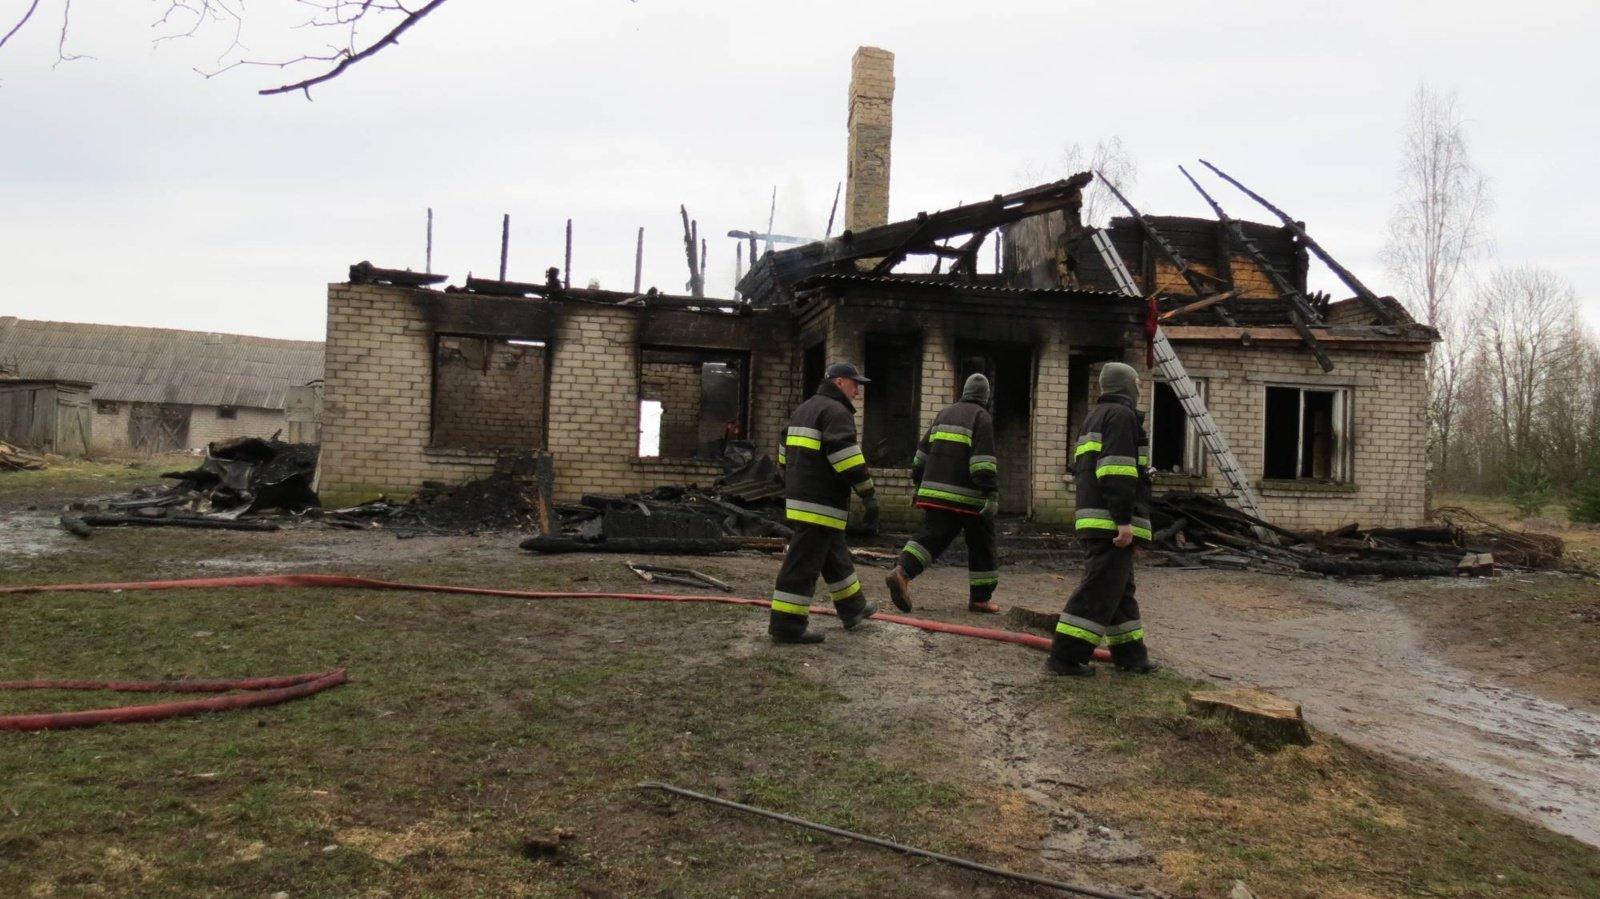 Kavarsko seniūnijoje per gaisrą žuvo 4 žmonės, 3 iš jų – vaikai